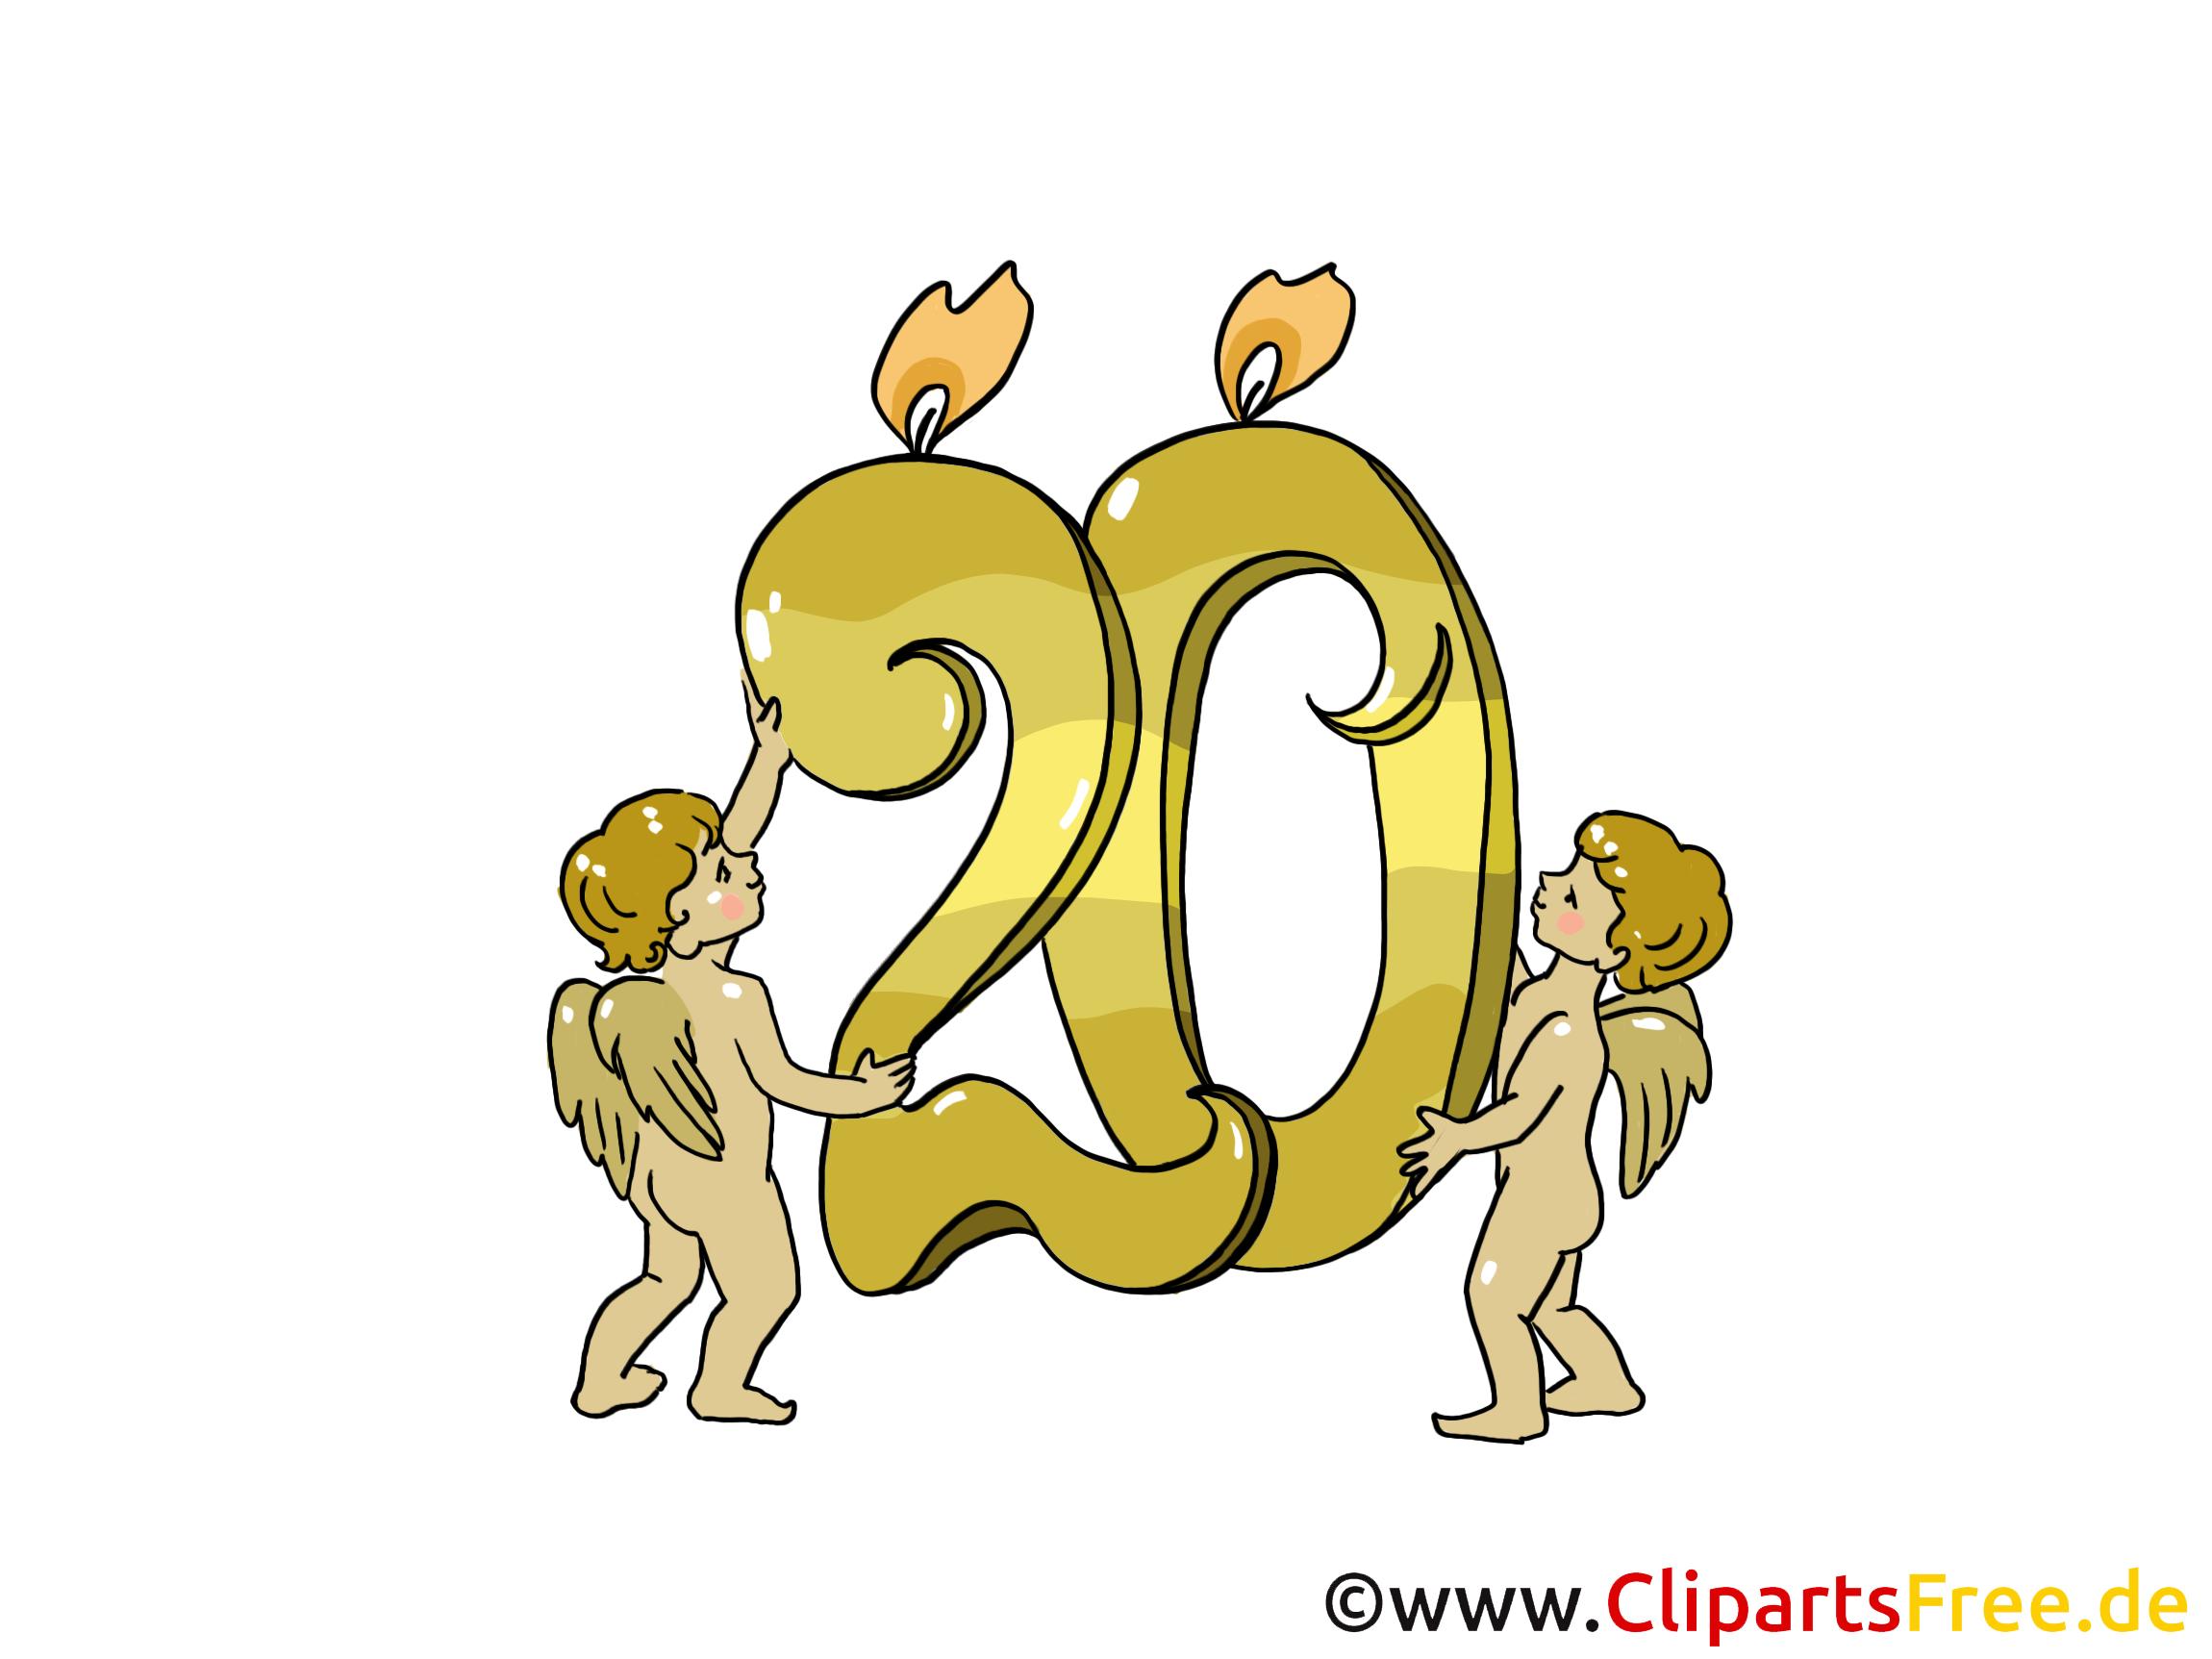 Zum 20 Geburtstag Bild-Clipart